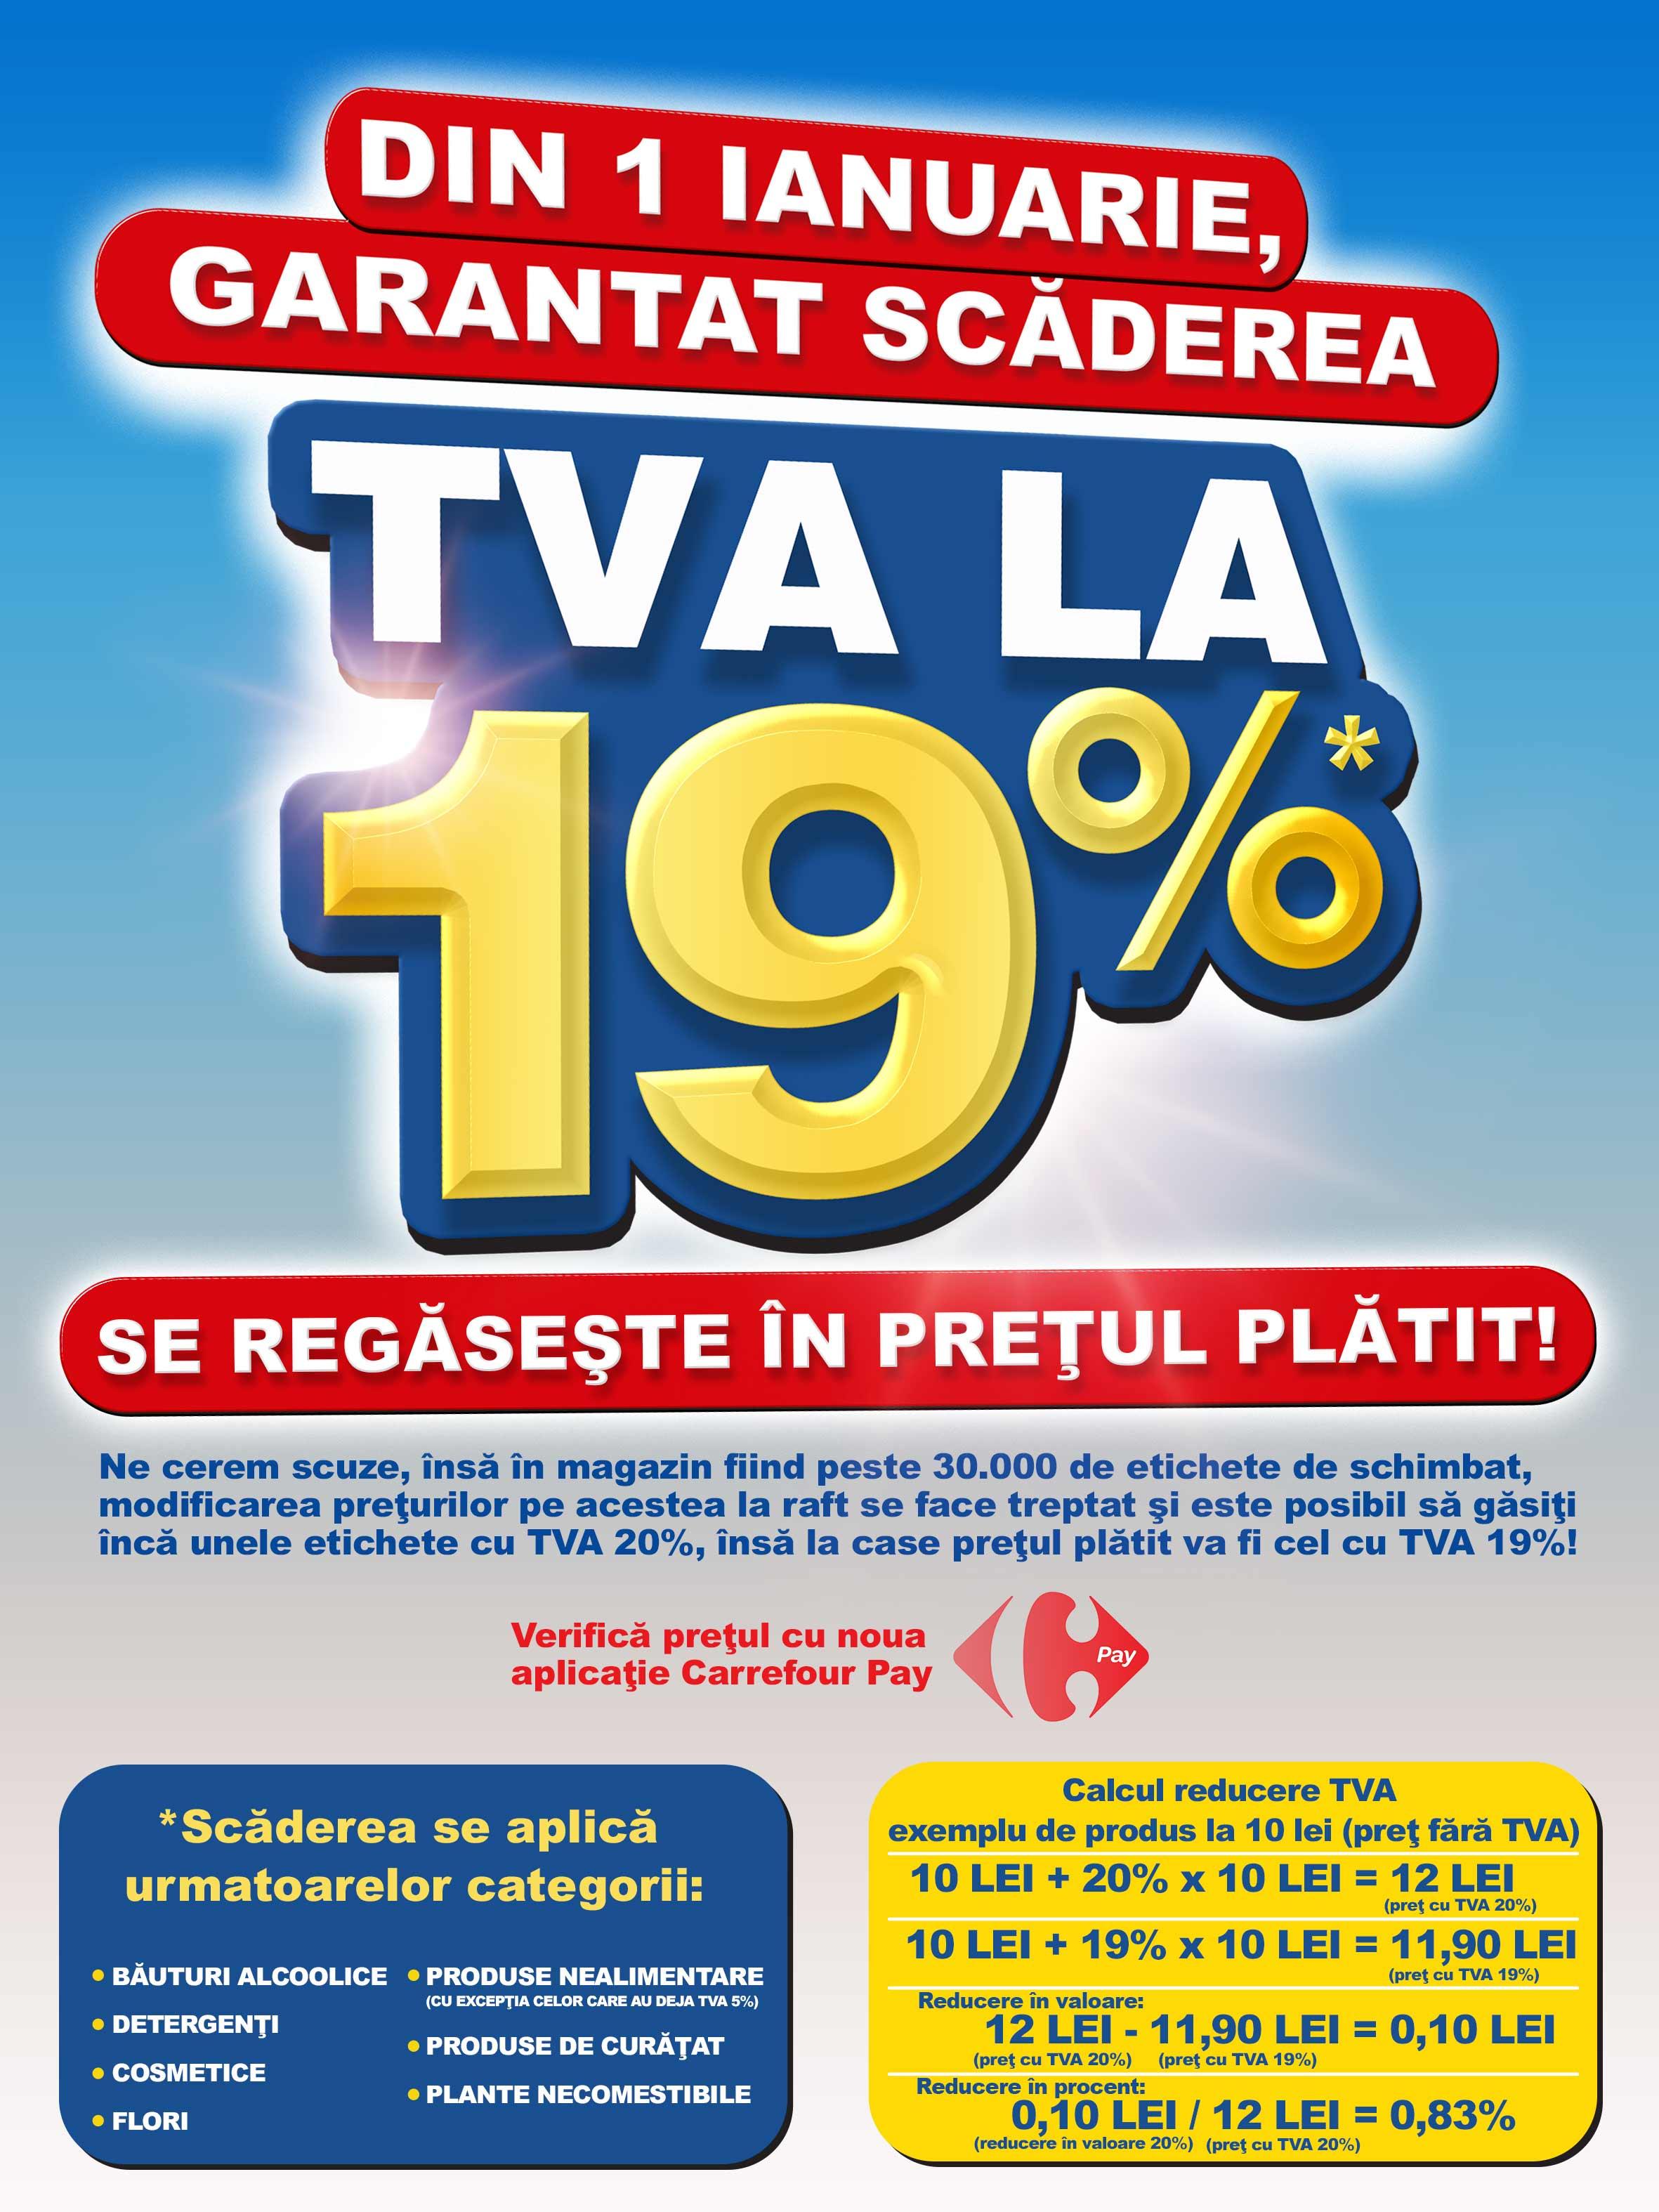 Din 1 ianuarie, garantat scaderea TVA la 19% se regaseste in pretul platit